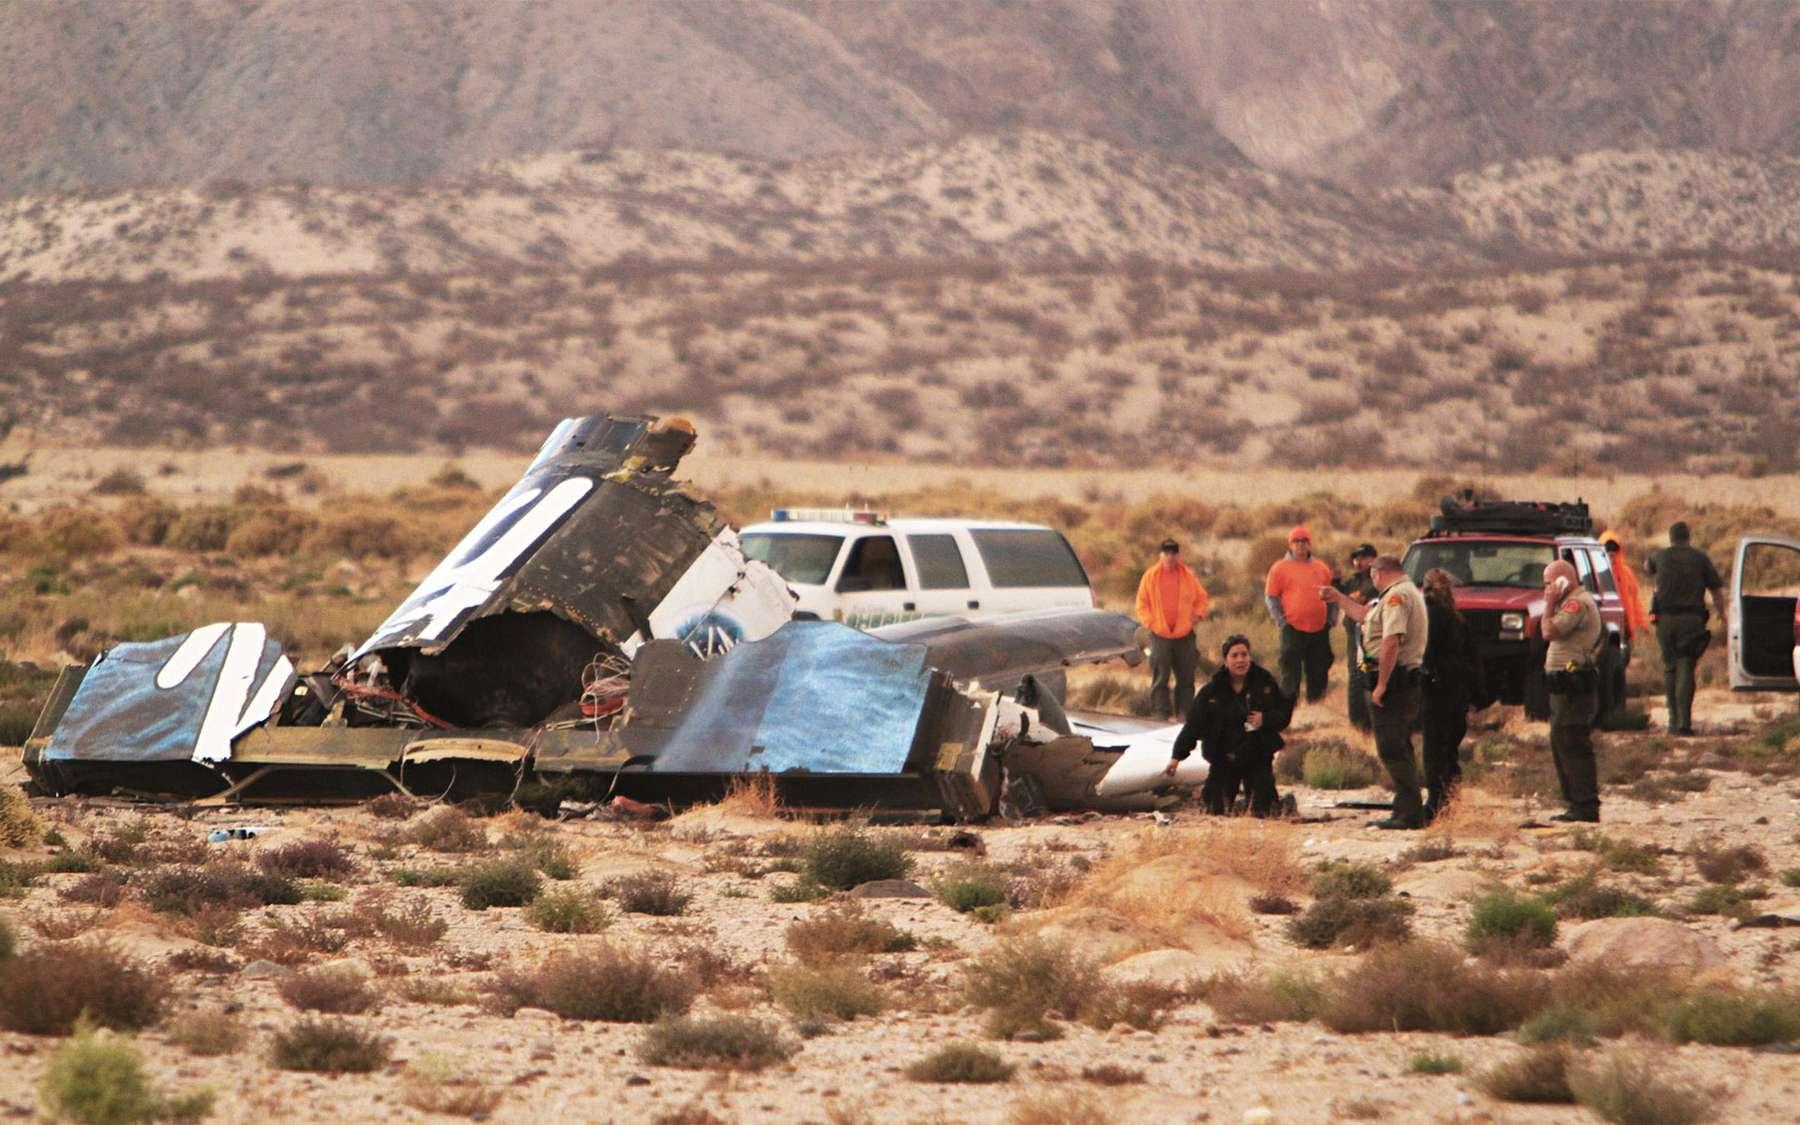 Une partie des débris du SpaceShip Two après son crash qui aura coûté la vie à Michael Alsbury, un des deux pilotes d'essai. © Knbc-TVAlex Horvath